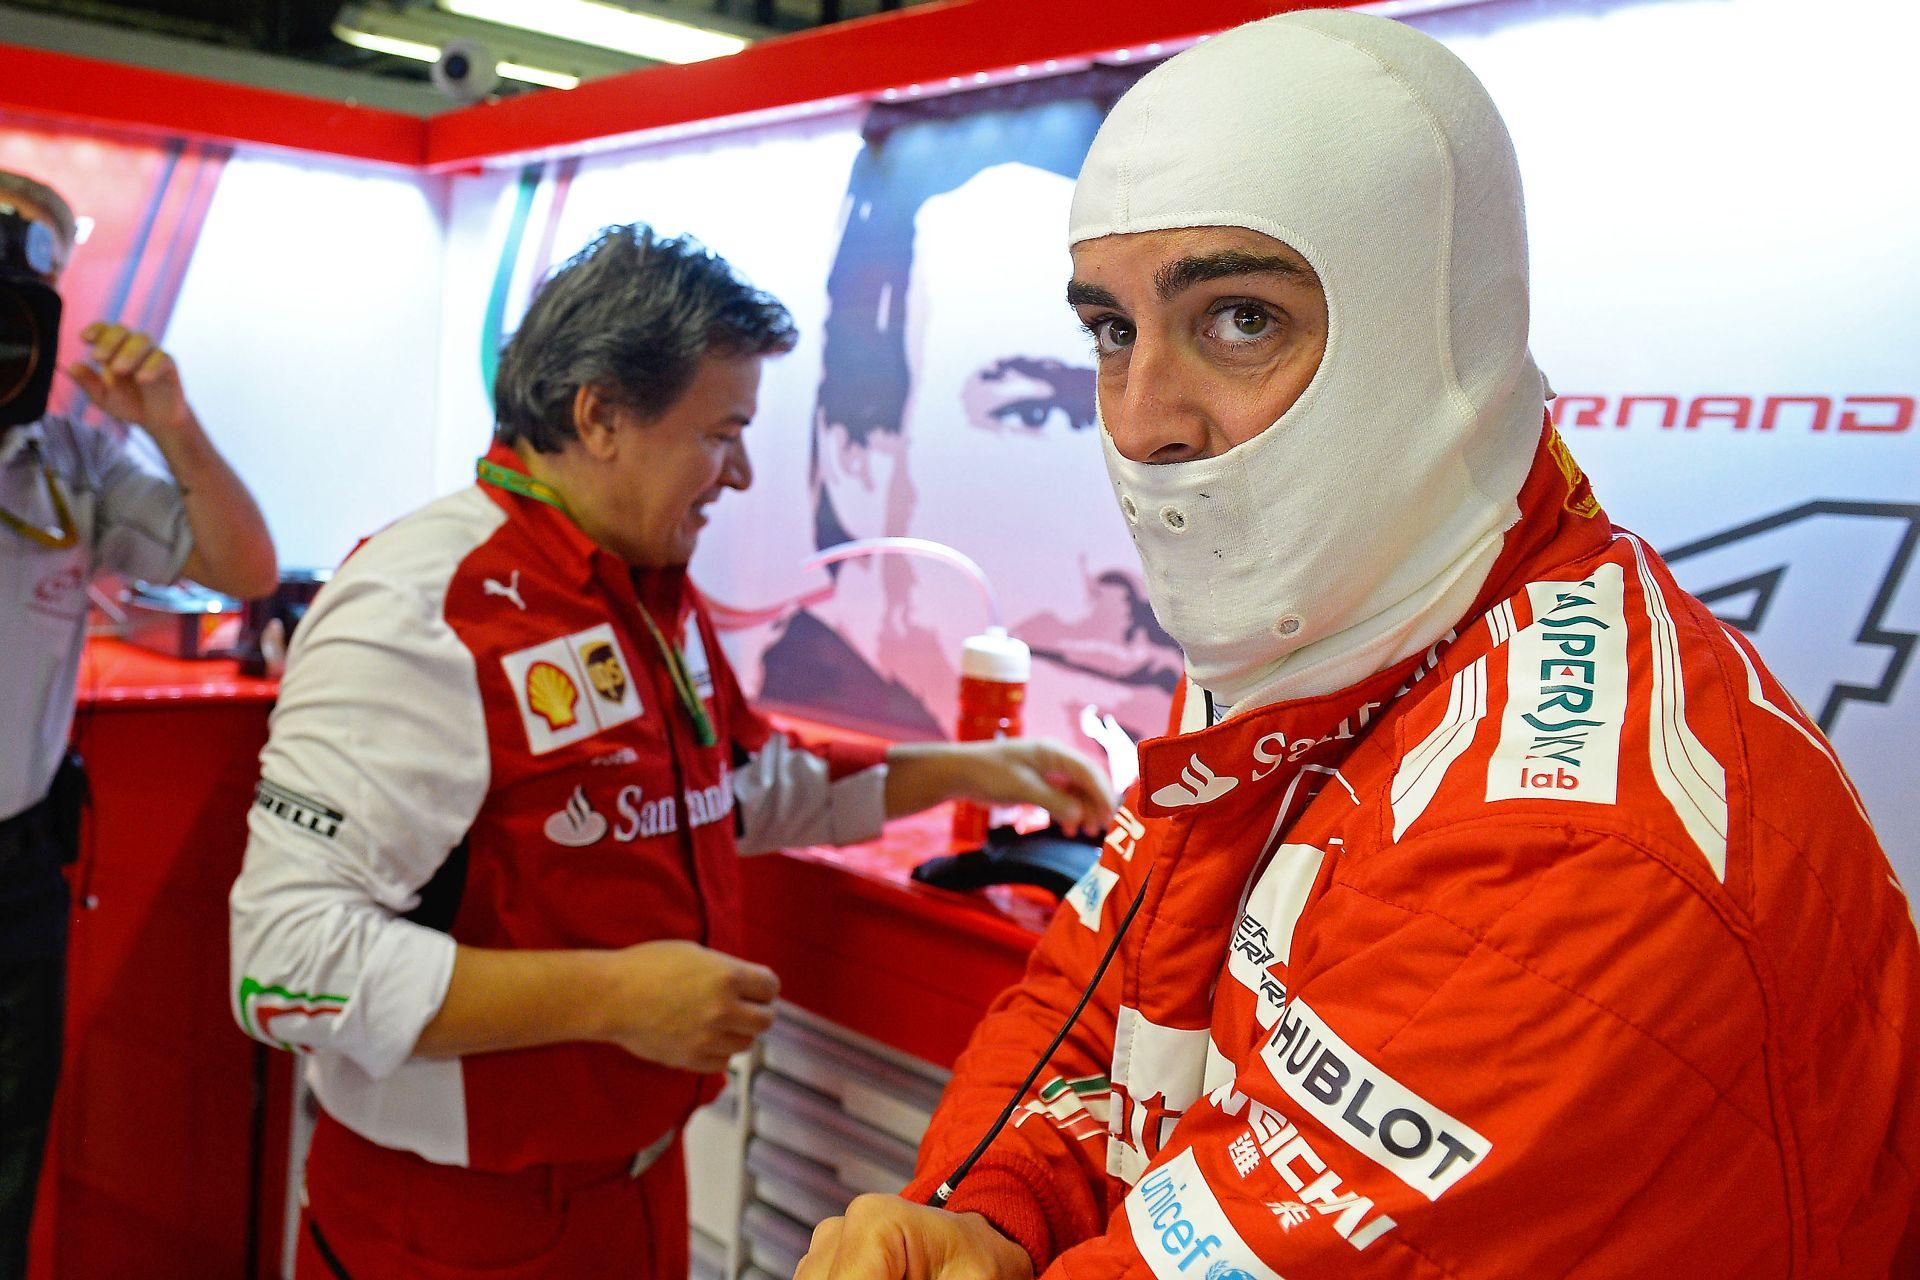 Alonso: Ez olyan, mintha fociban, vagy a kosárlabdában nem kaphatnának parancsot a játékosok